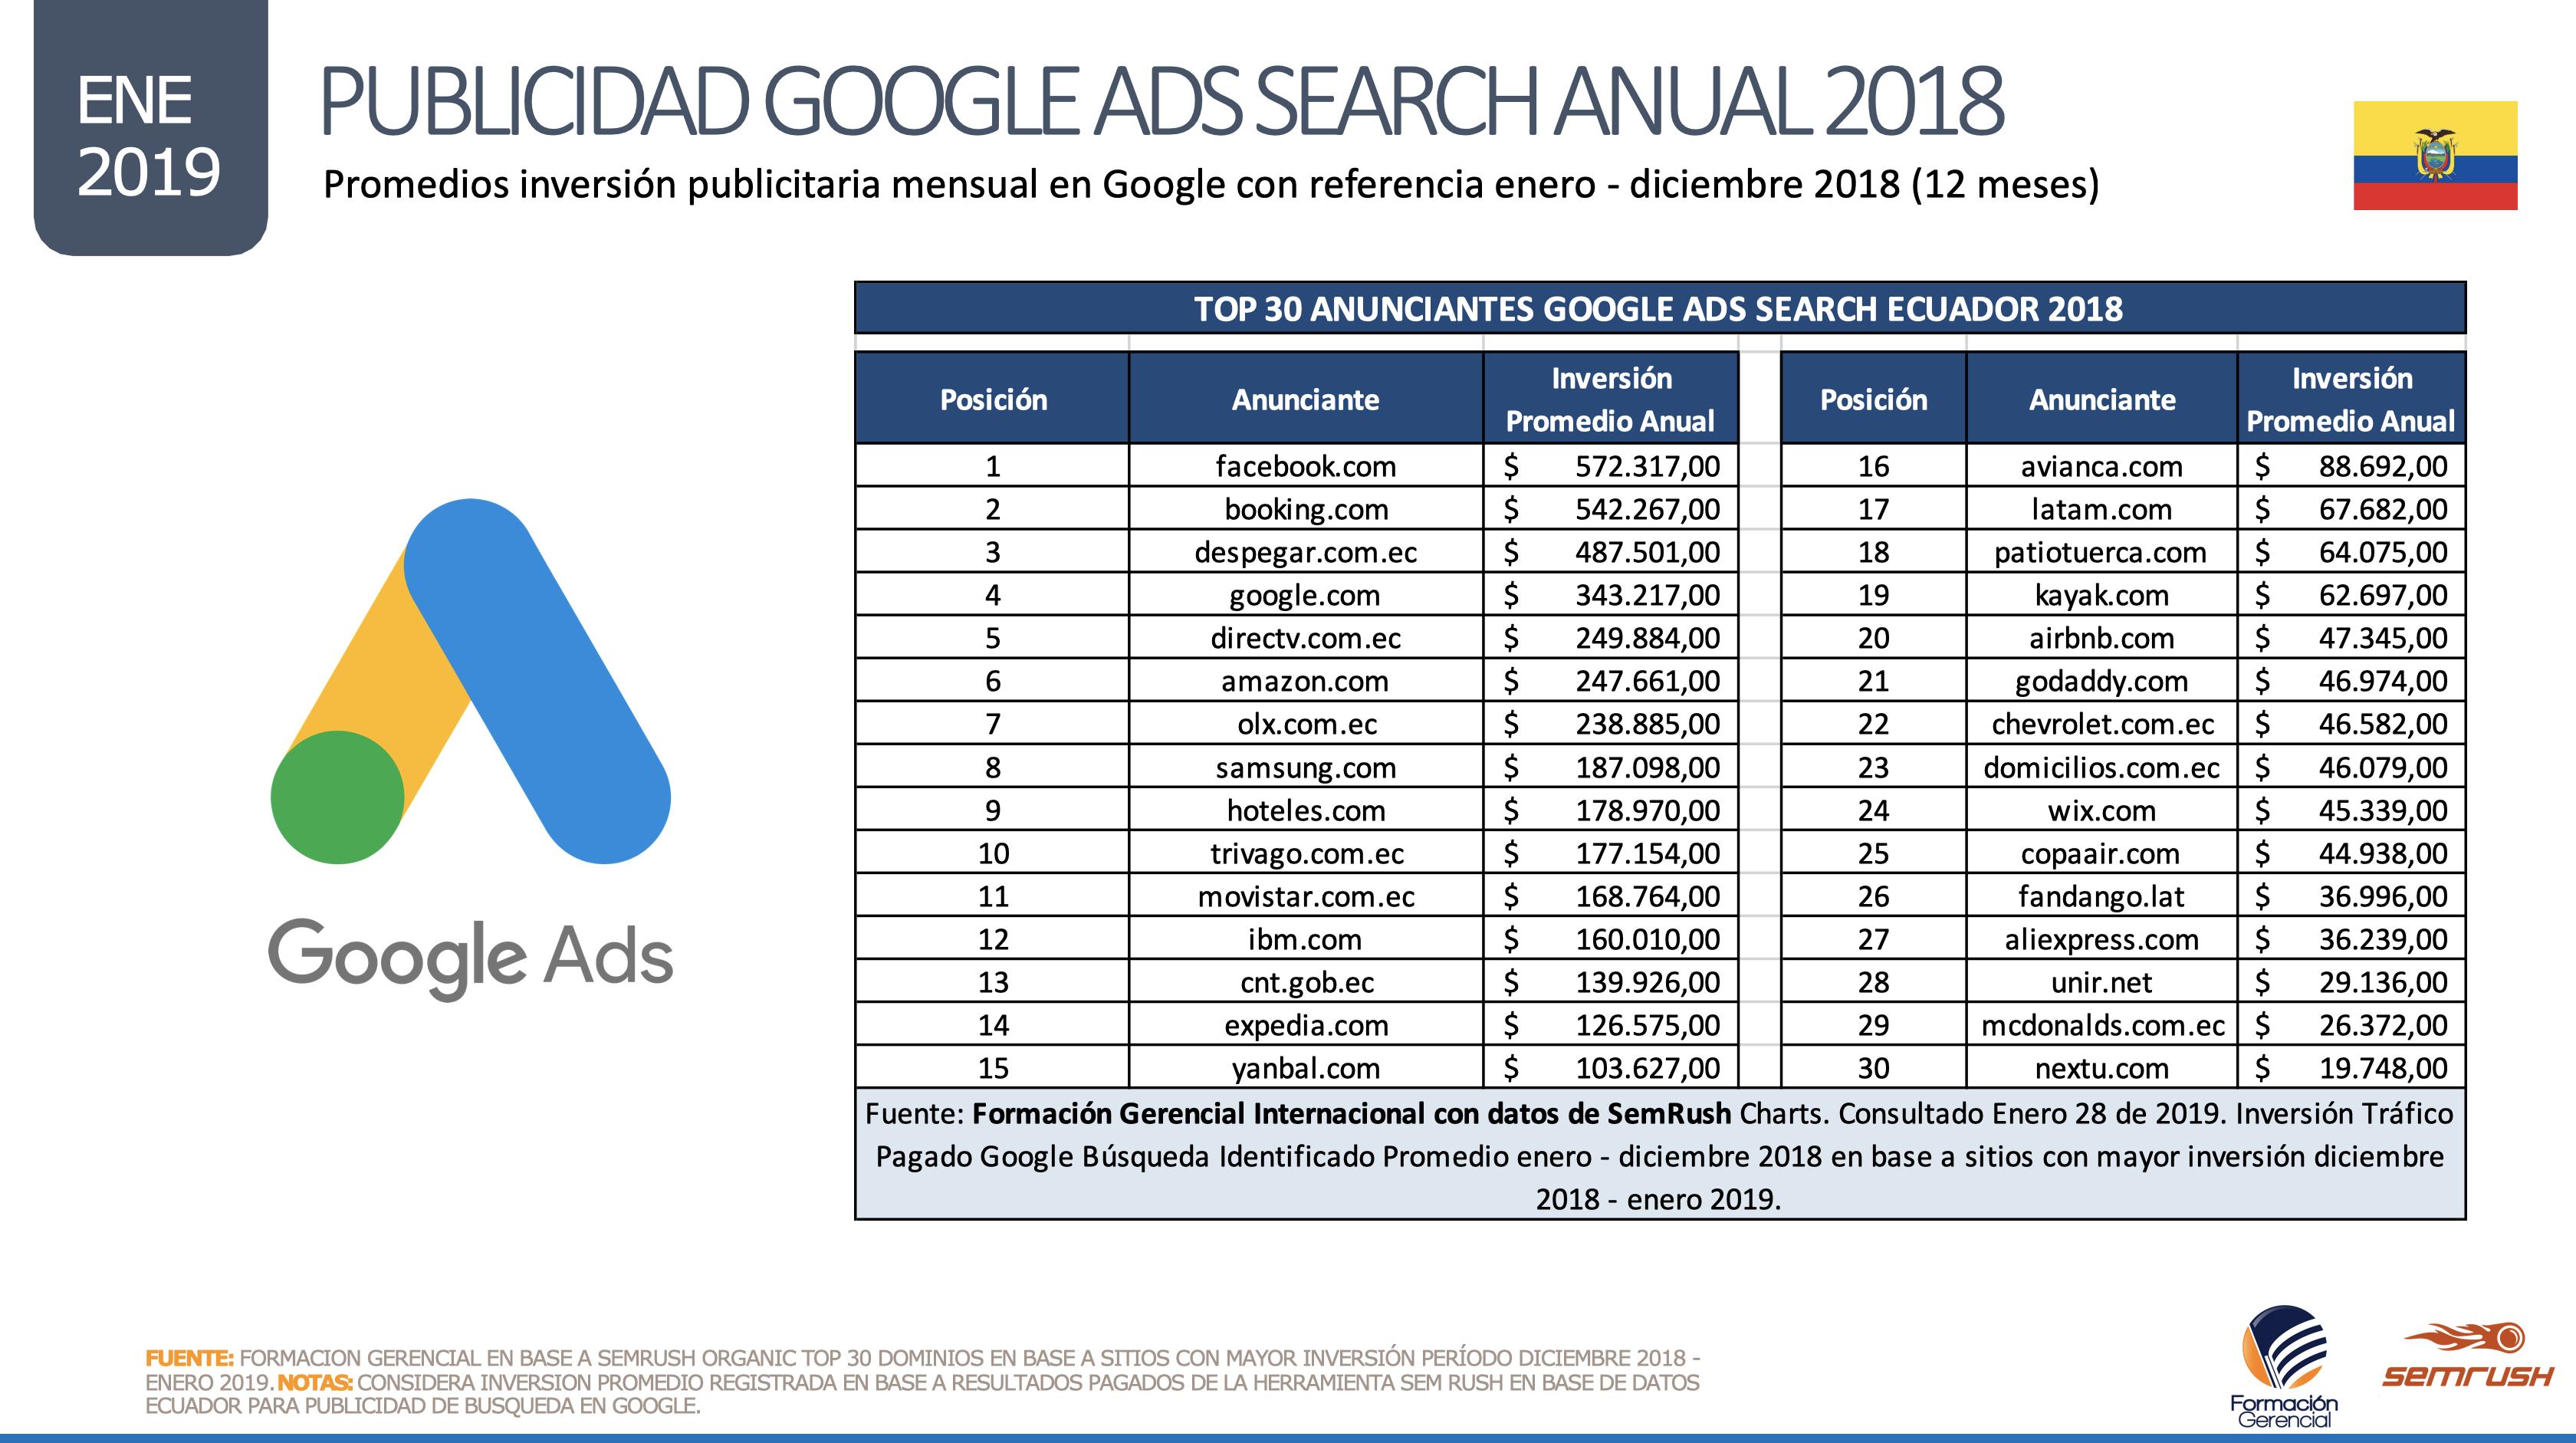 Principales Anunciantes Google Búsqueda Ecuador 2018